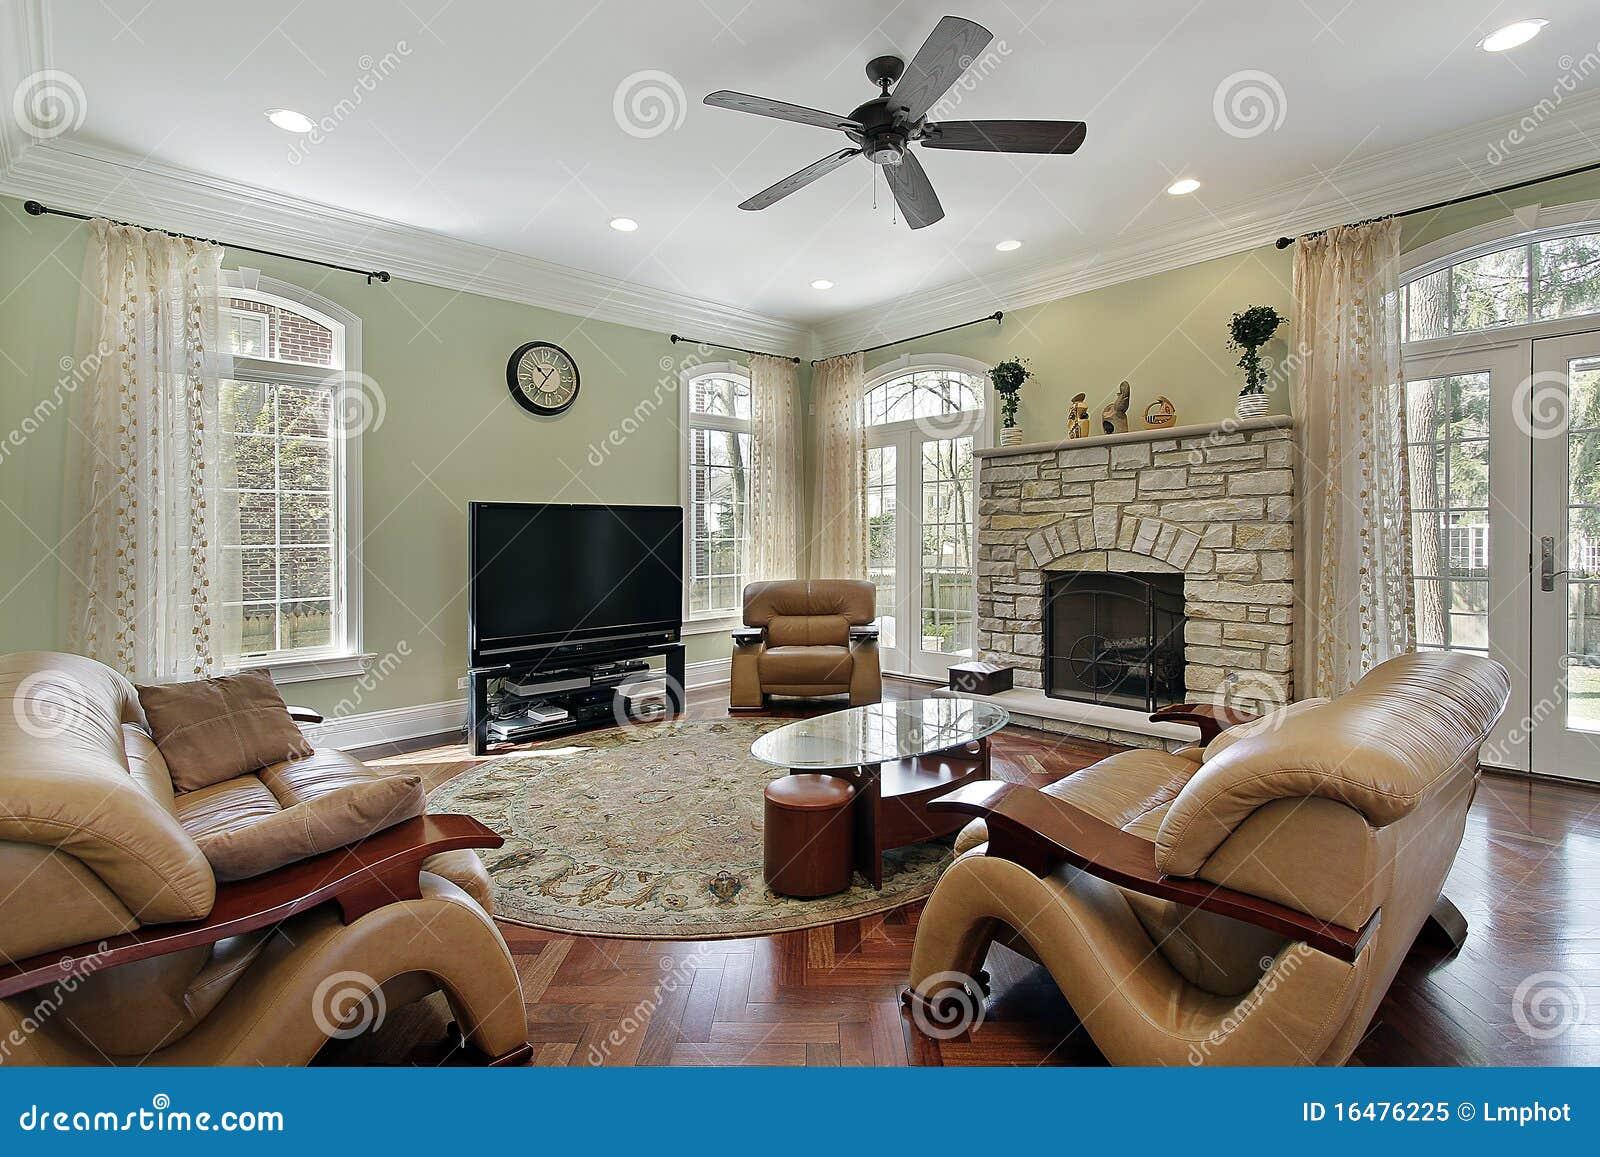 familienraum mit steinkamin - Steinkamin